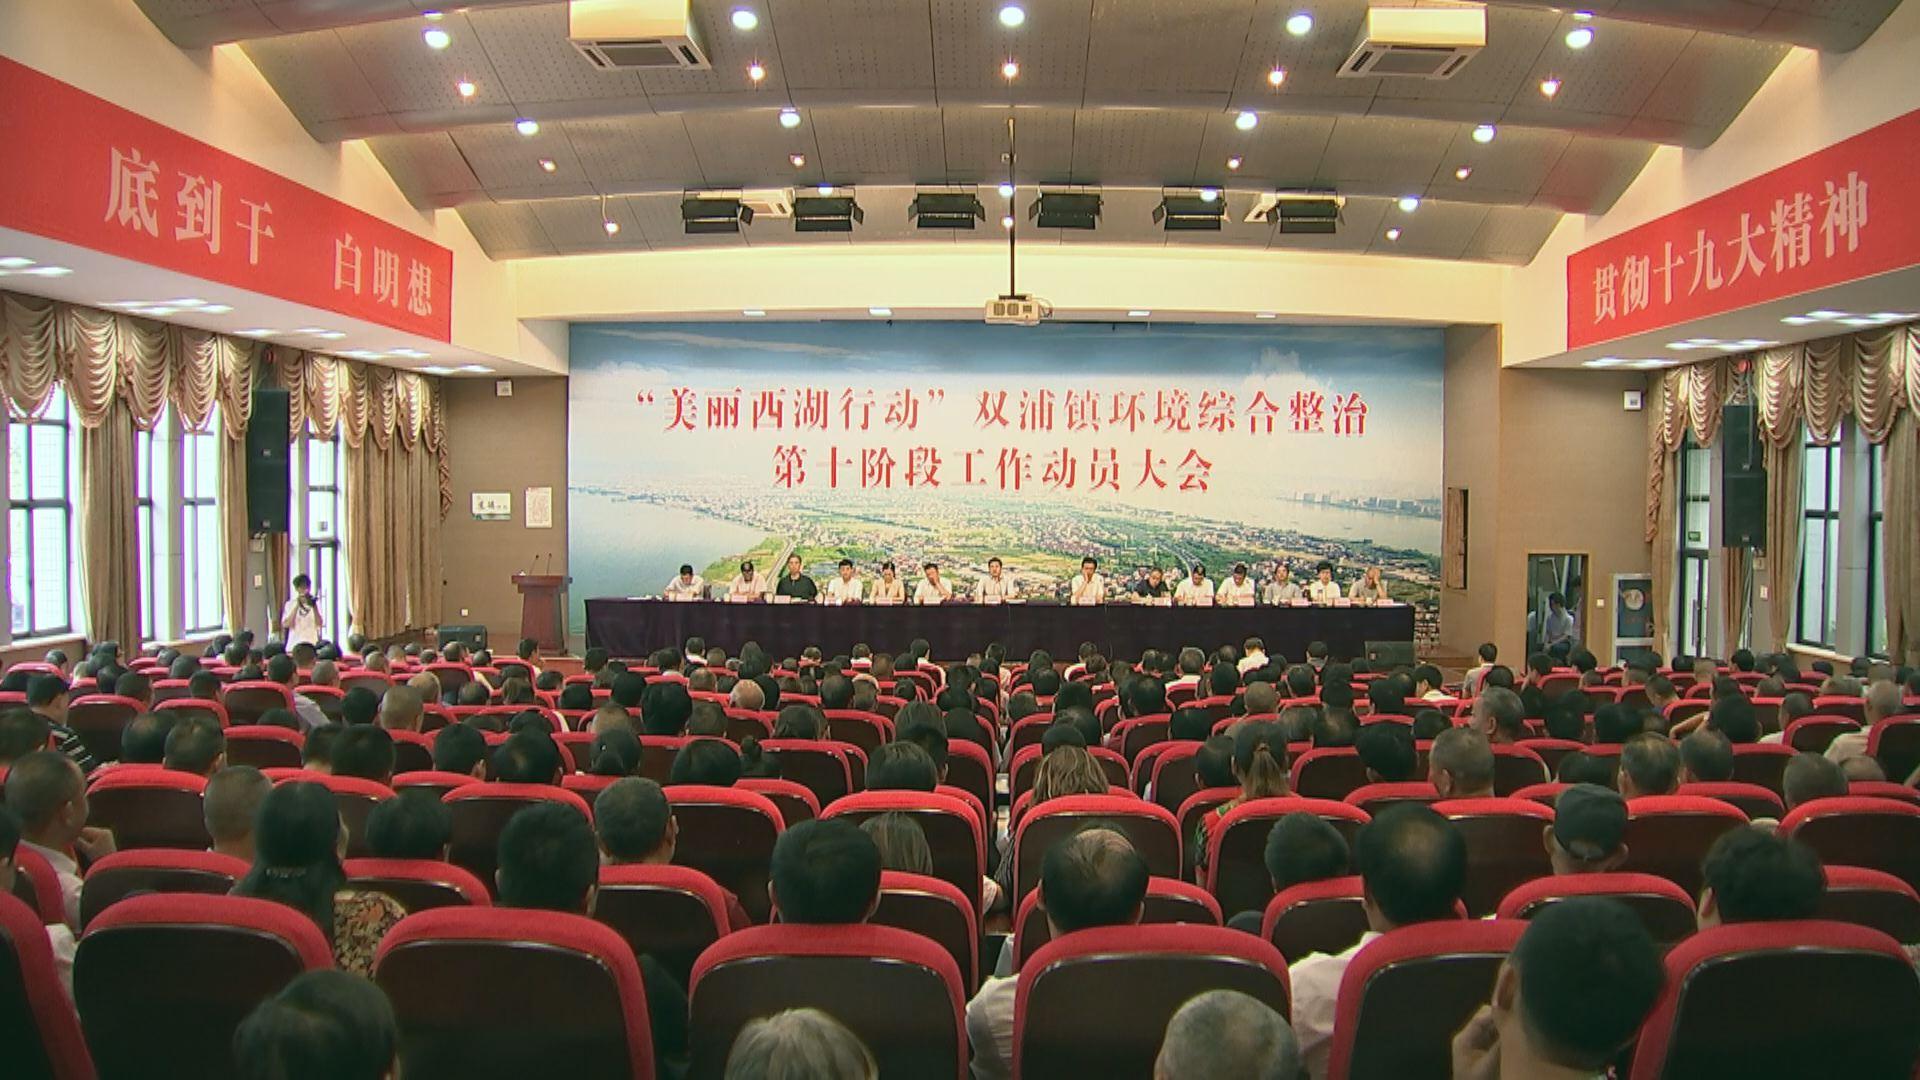 """20180803(视频)""""美丽西湖行动"""" 西湖区部署双浦镇环境综合整治第十阶段工作"""